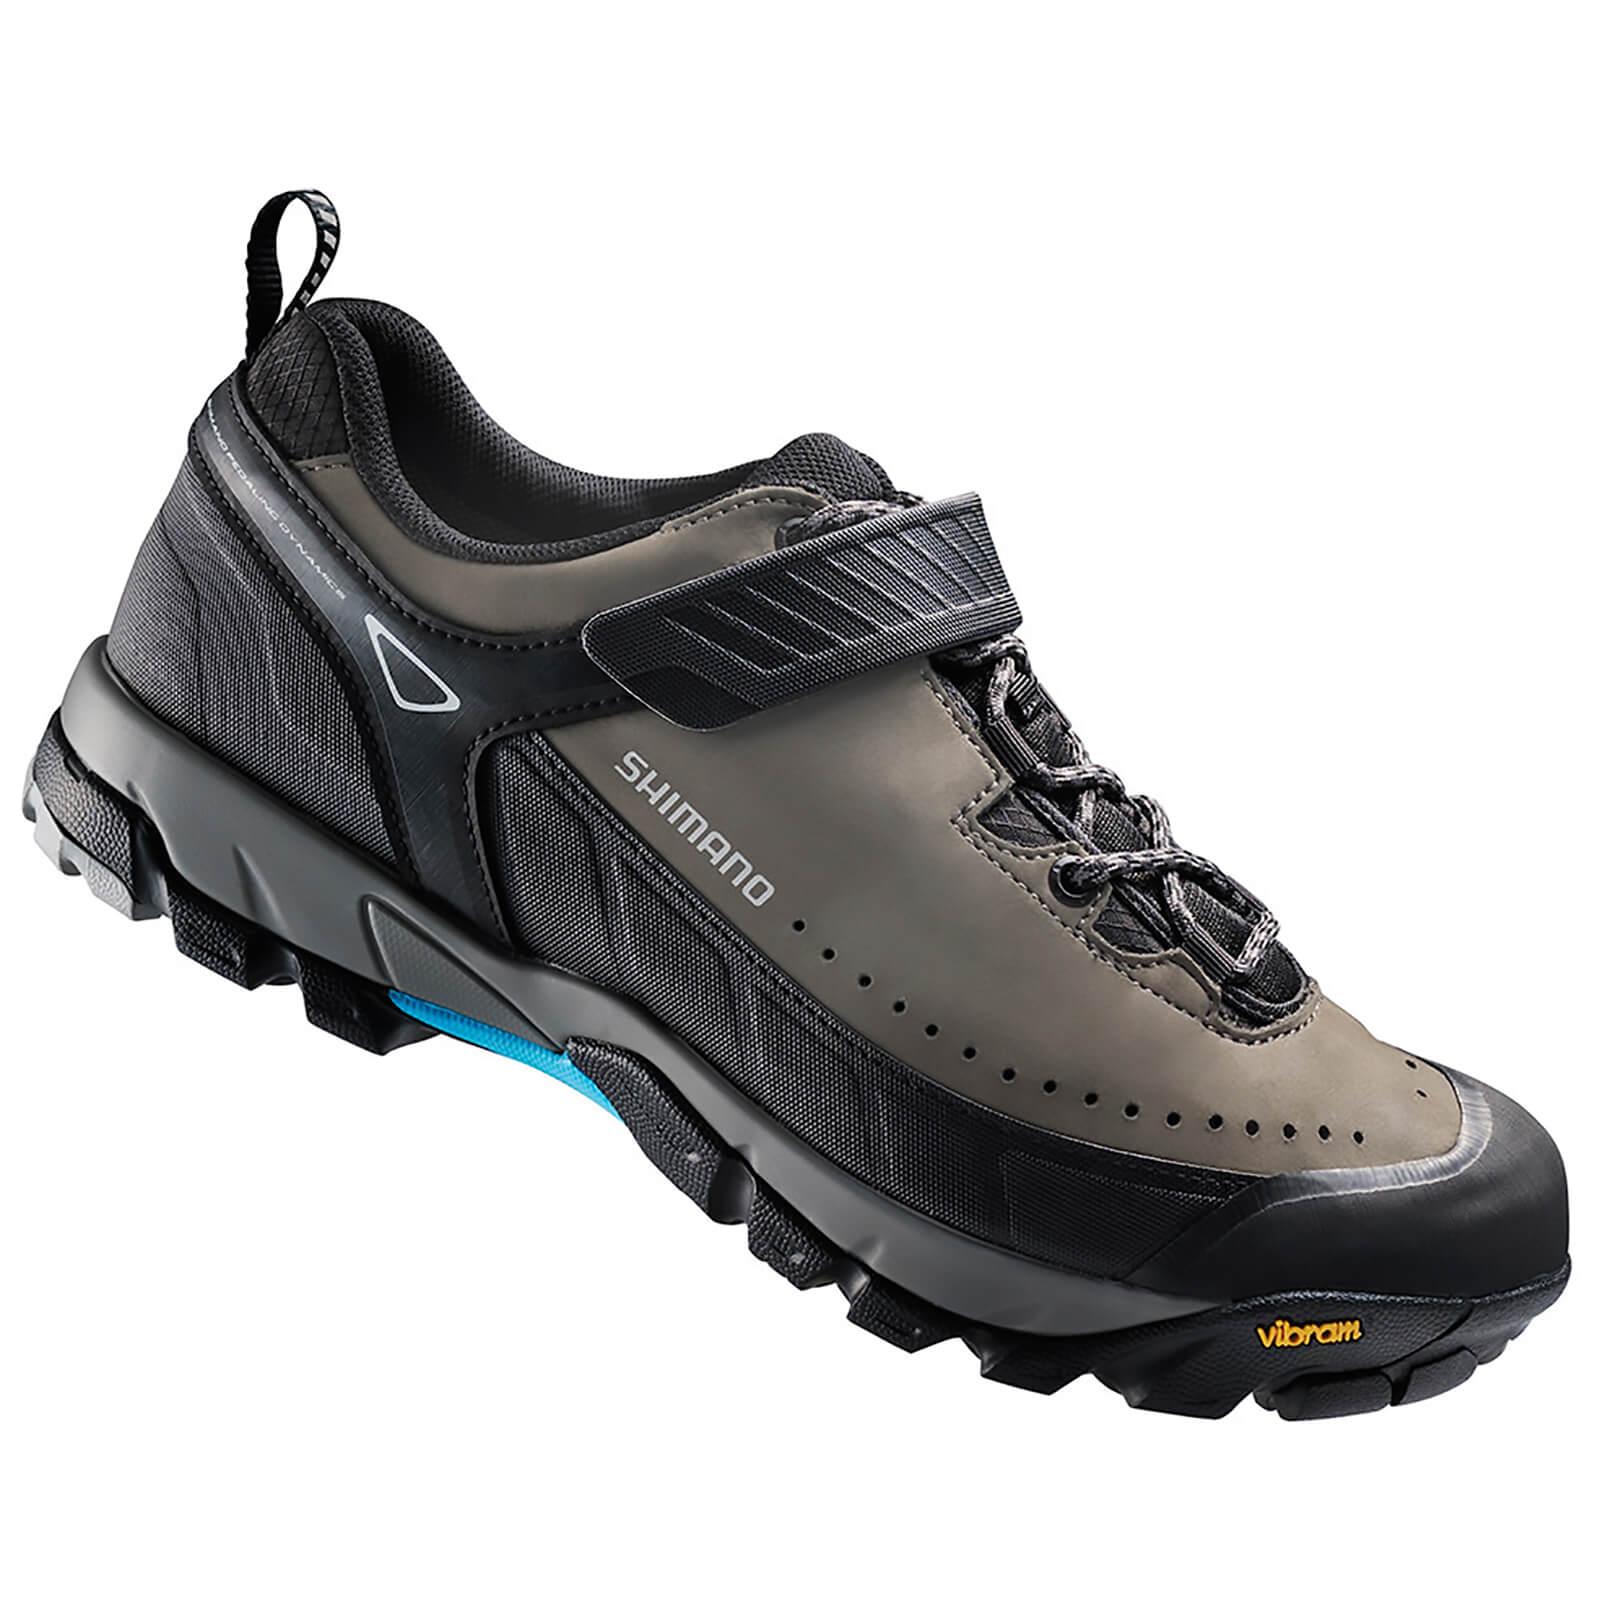 Shimano XM700 SPD Cycling Shoes - Grey - EUR 41 - Grey